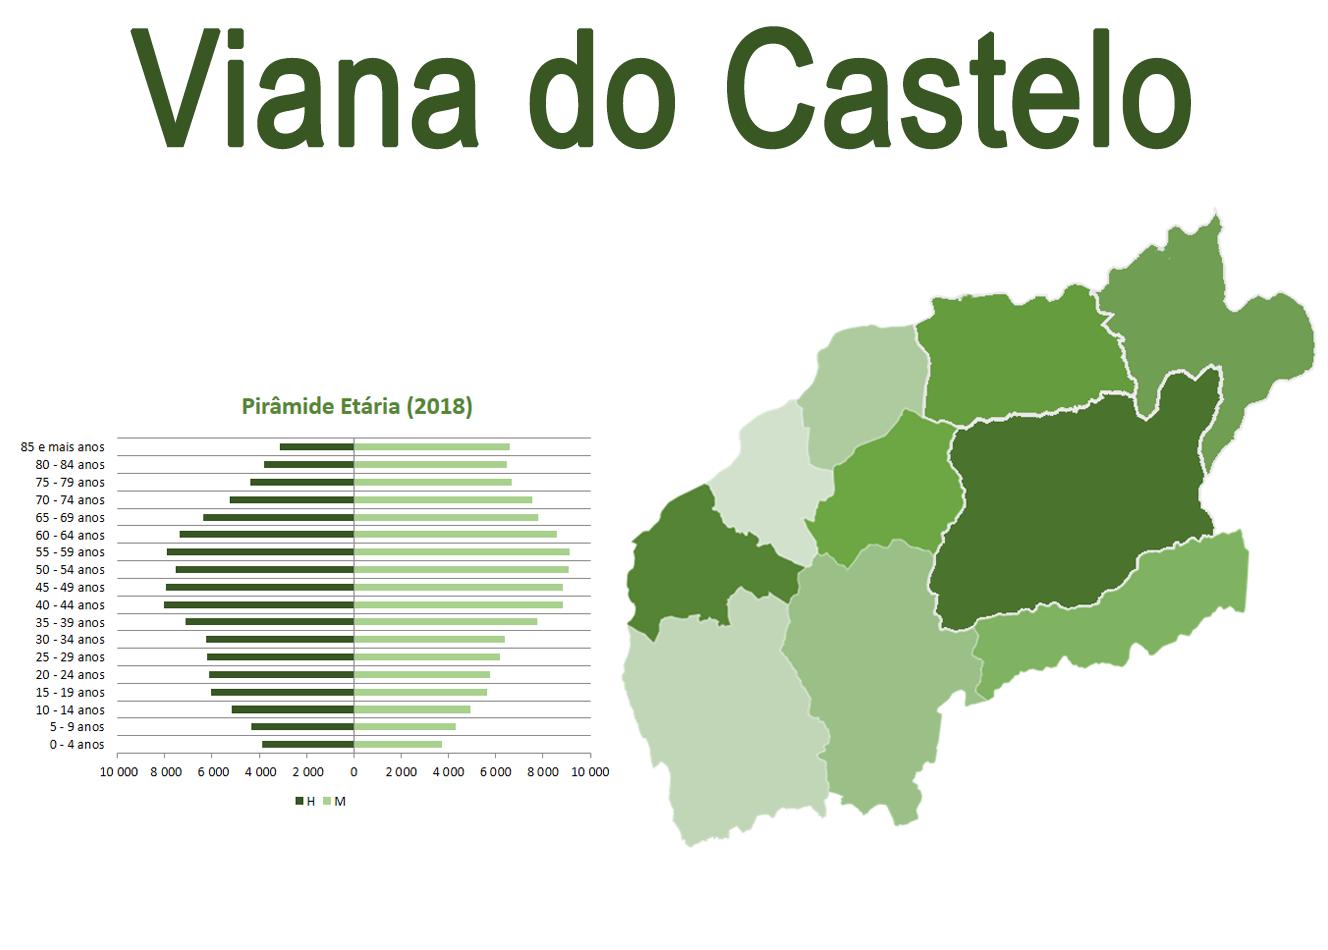 Mapa e Pirâmide etária para o distrito de Viana do Castelo